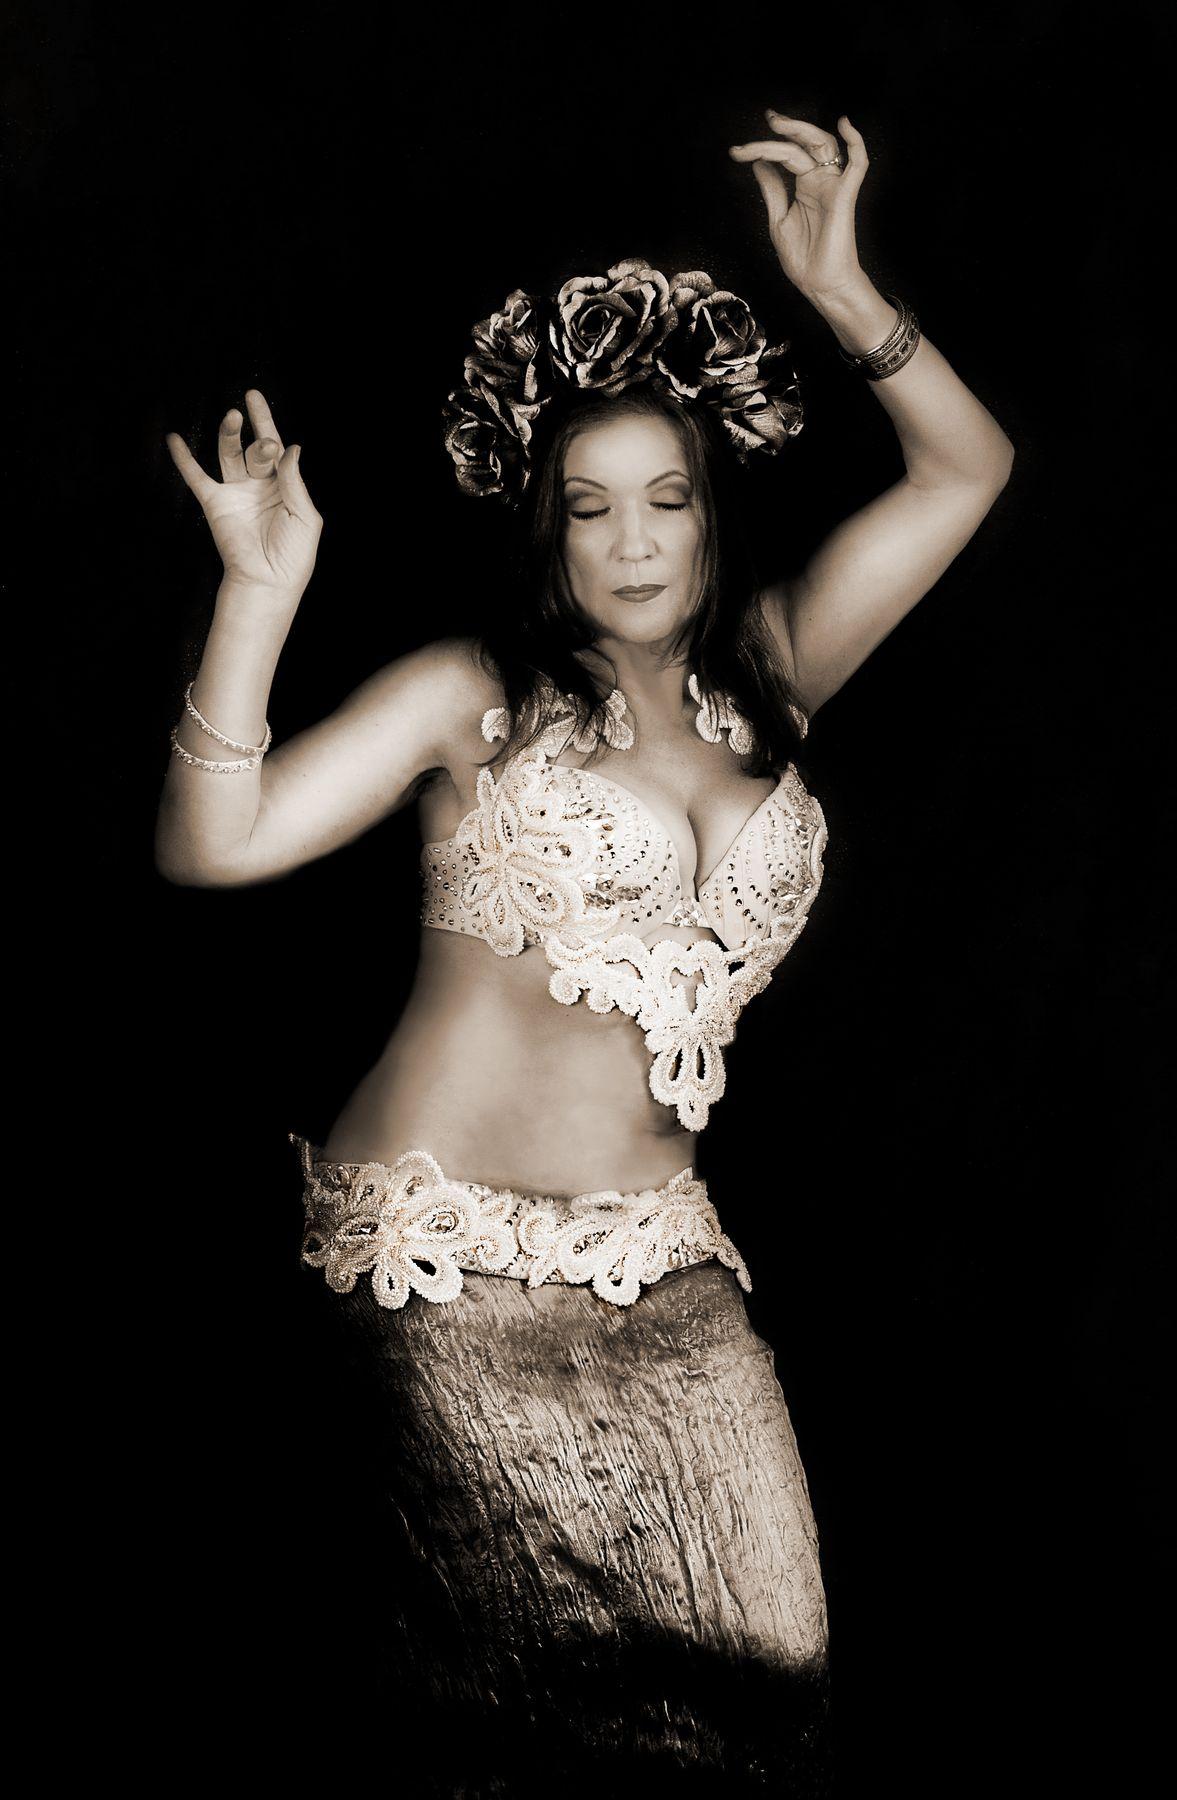 Сны о прошлом ч б винтаж трайбл восток танец портрет сепия женский жанровый